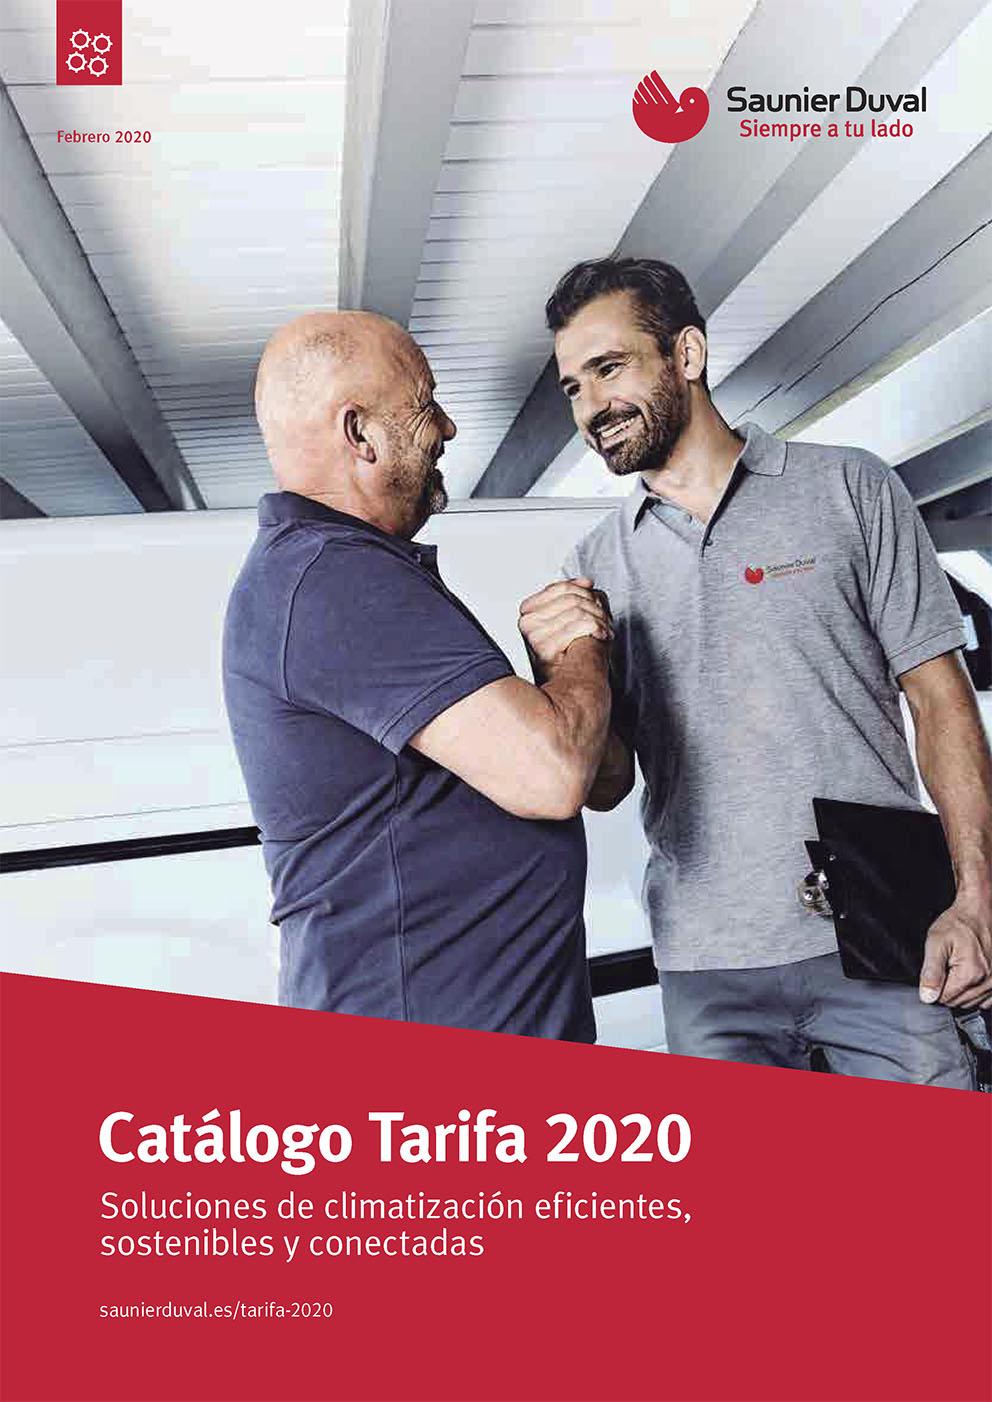 sd-tarifa-2020-1635314